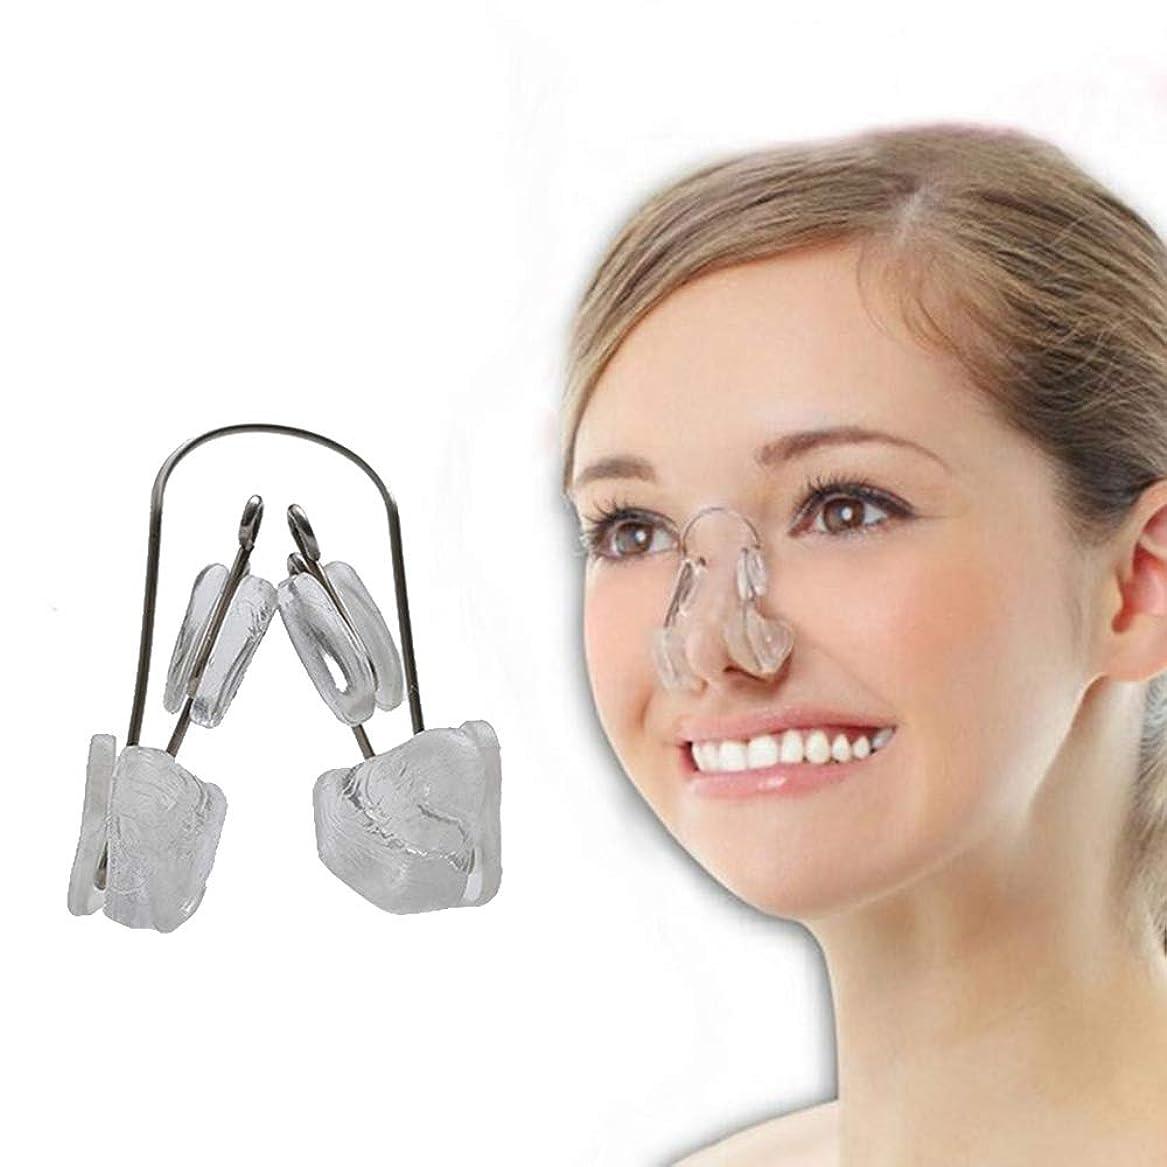 普通にテロリスト放射能Lindexs ないノーズアップピン ノーズアップピン 美鼻クリップ 鼻高く 鼻筋 矯正 (クリア)